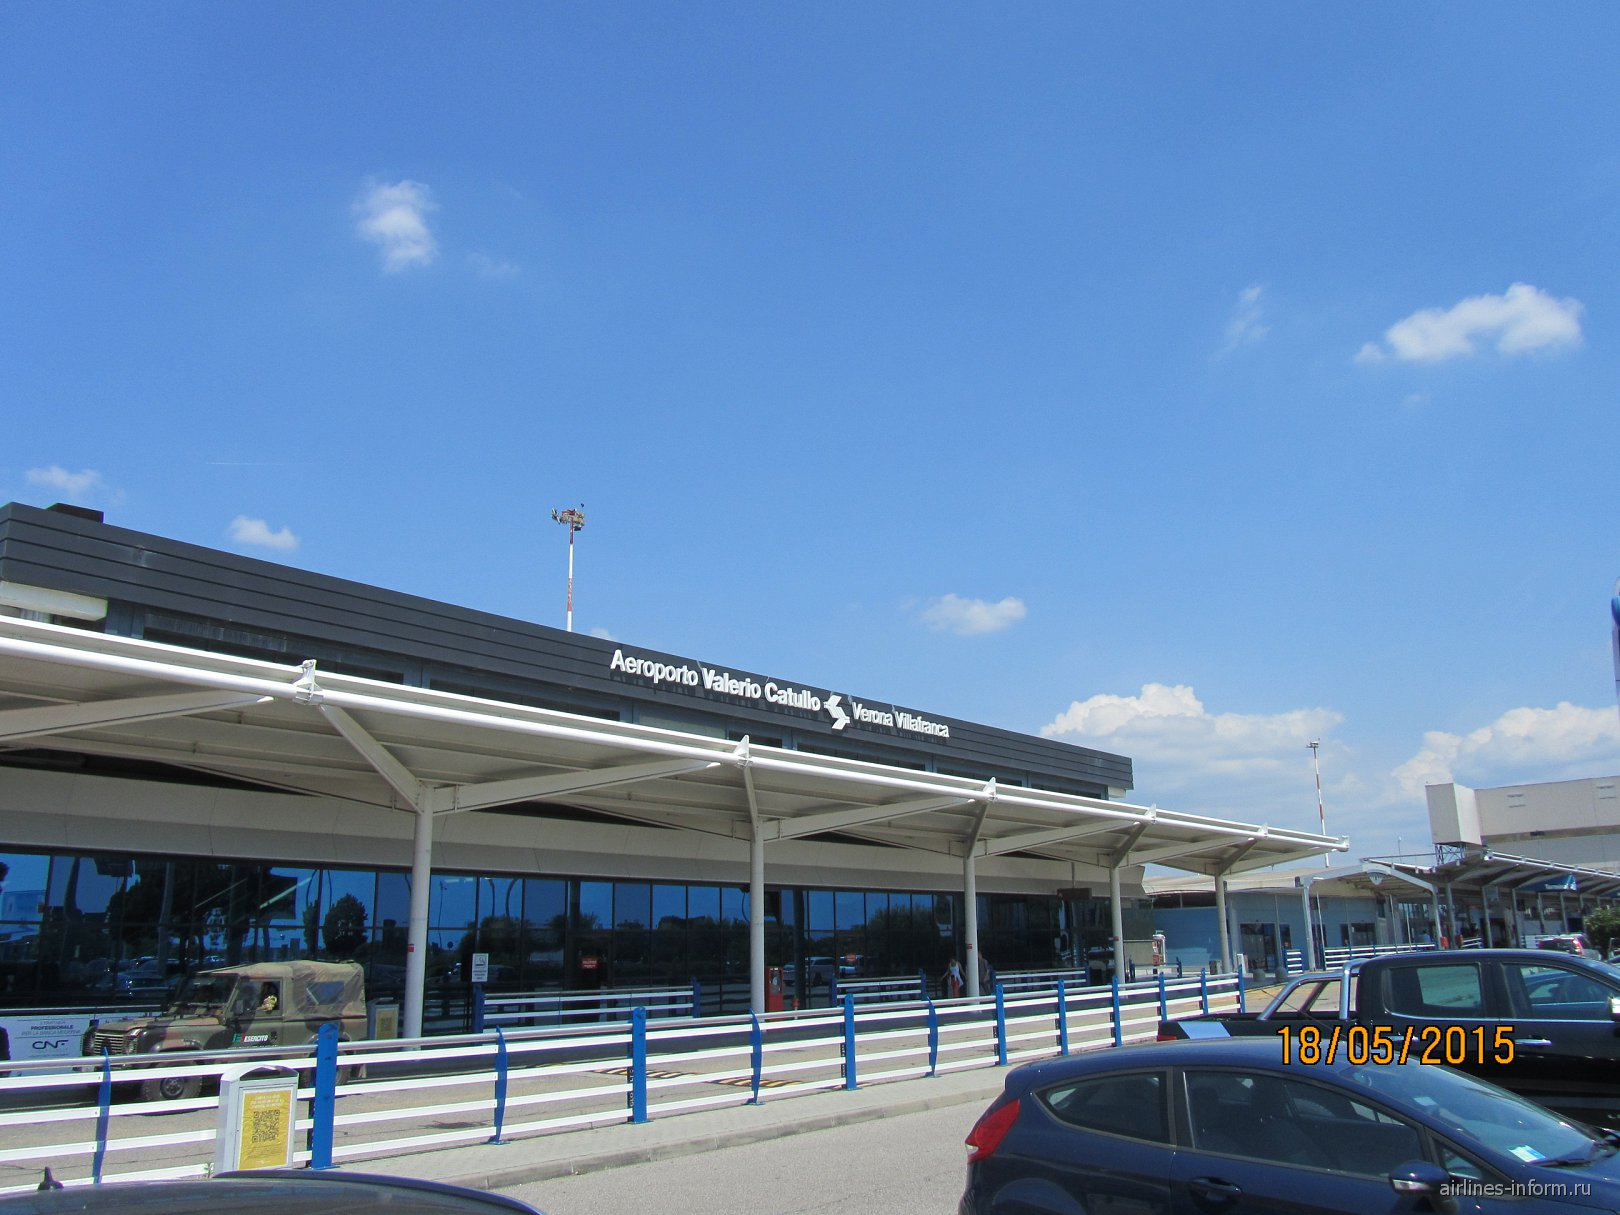 Пассажирский терминал аэропорта Верона Валерио Катулло